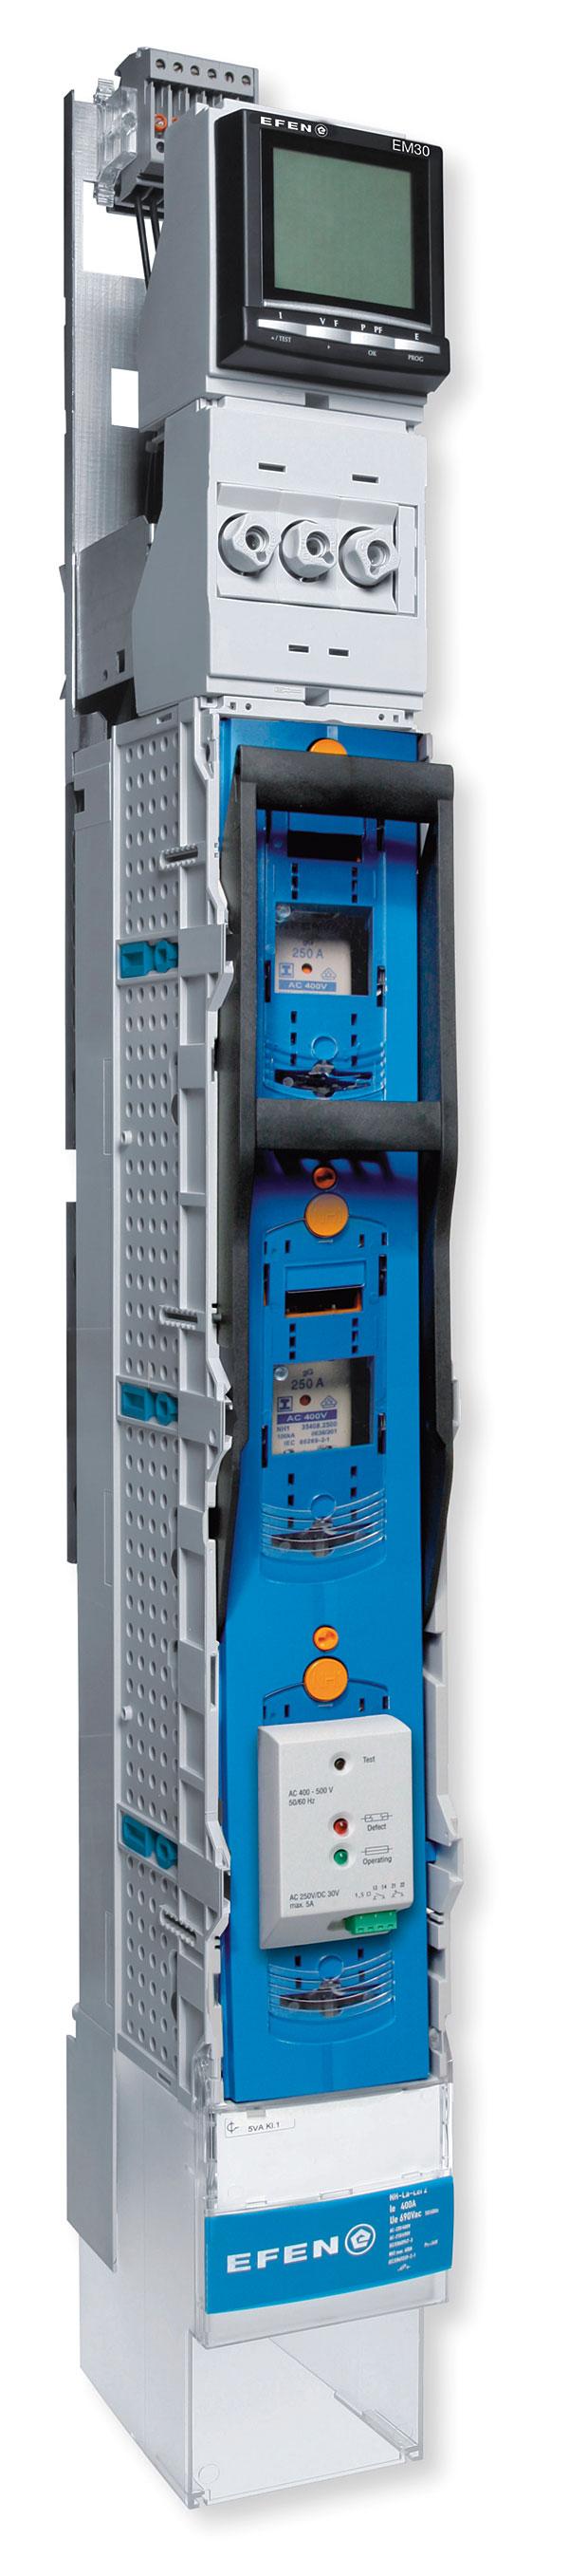 Rys. 2. Zespolenie rozłącznika NSL-E3 i urządzenia pomiarowego typu EM